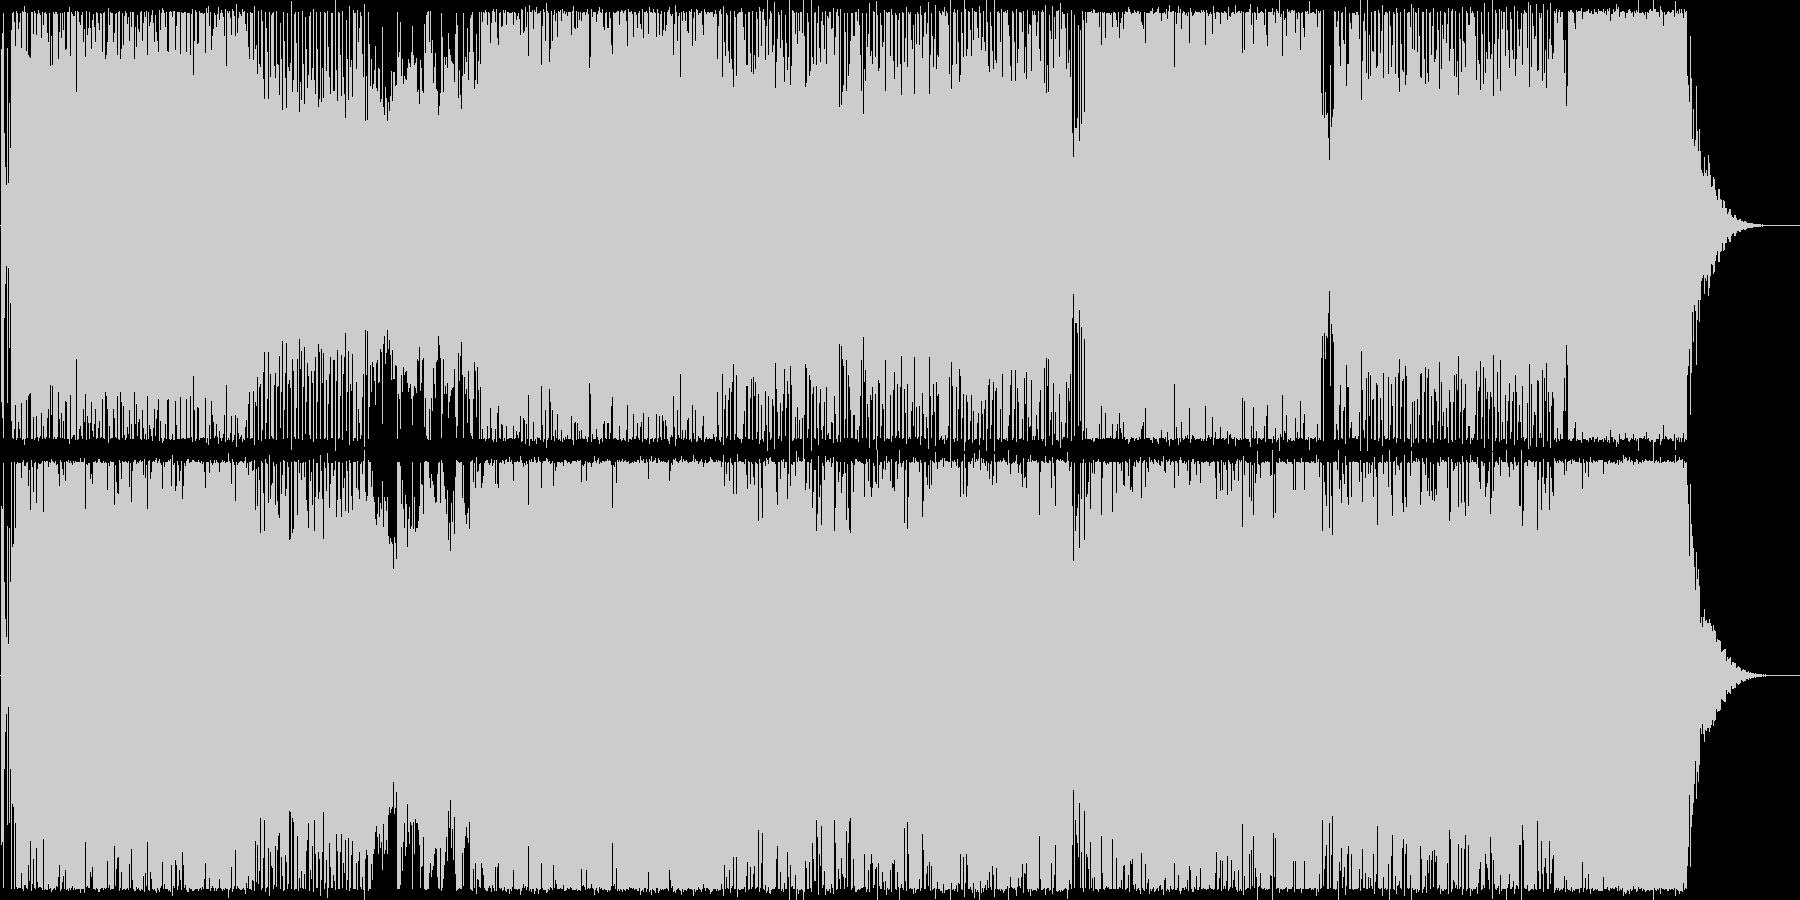 ハイテクでスピーディーなビートサウンドの未再生の波形